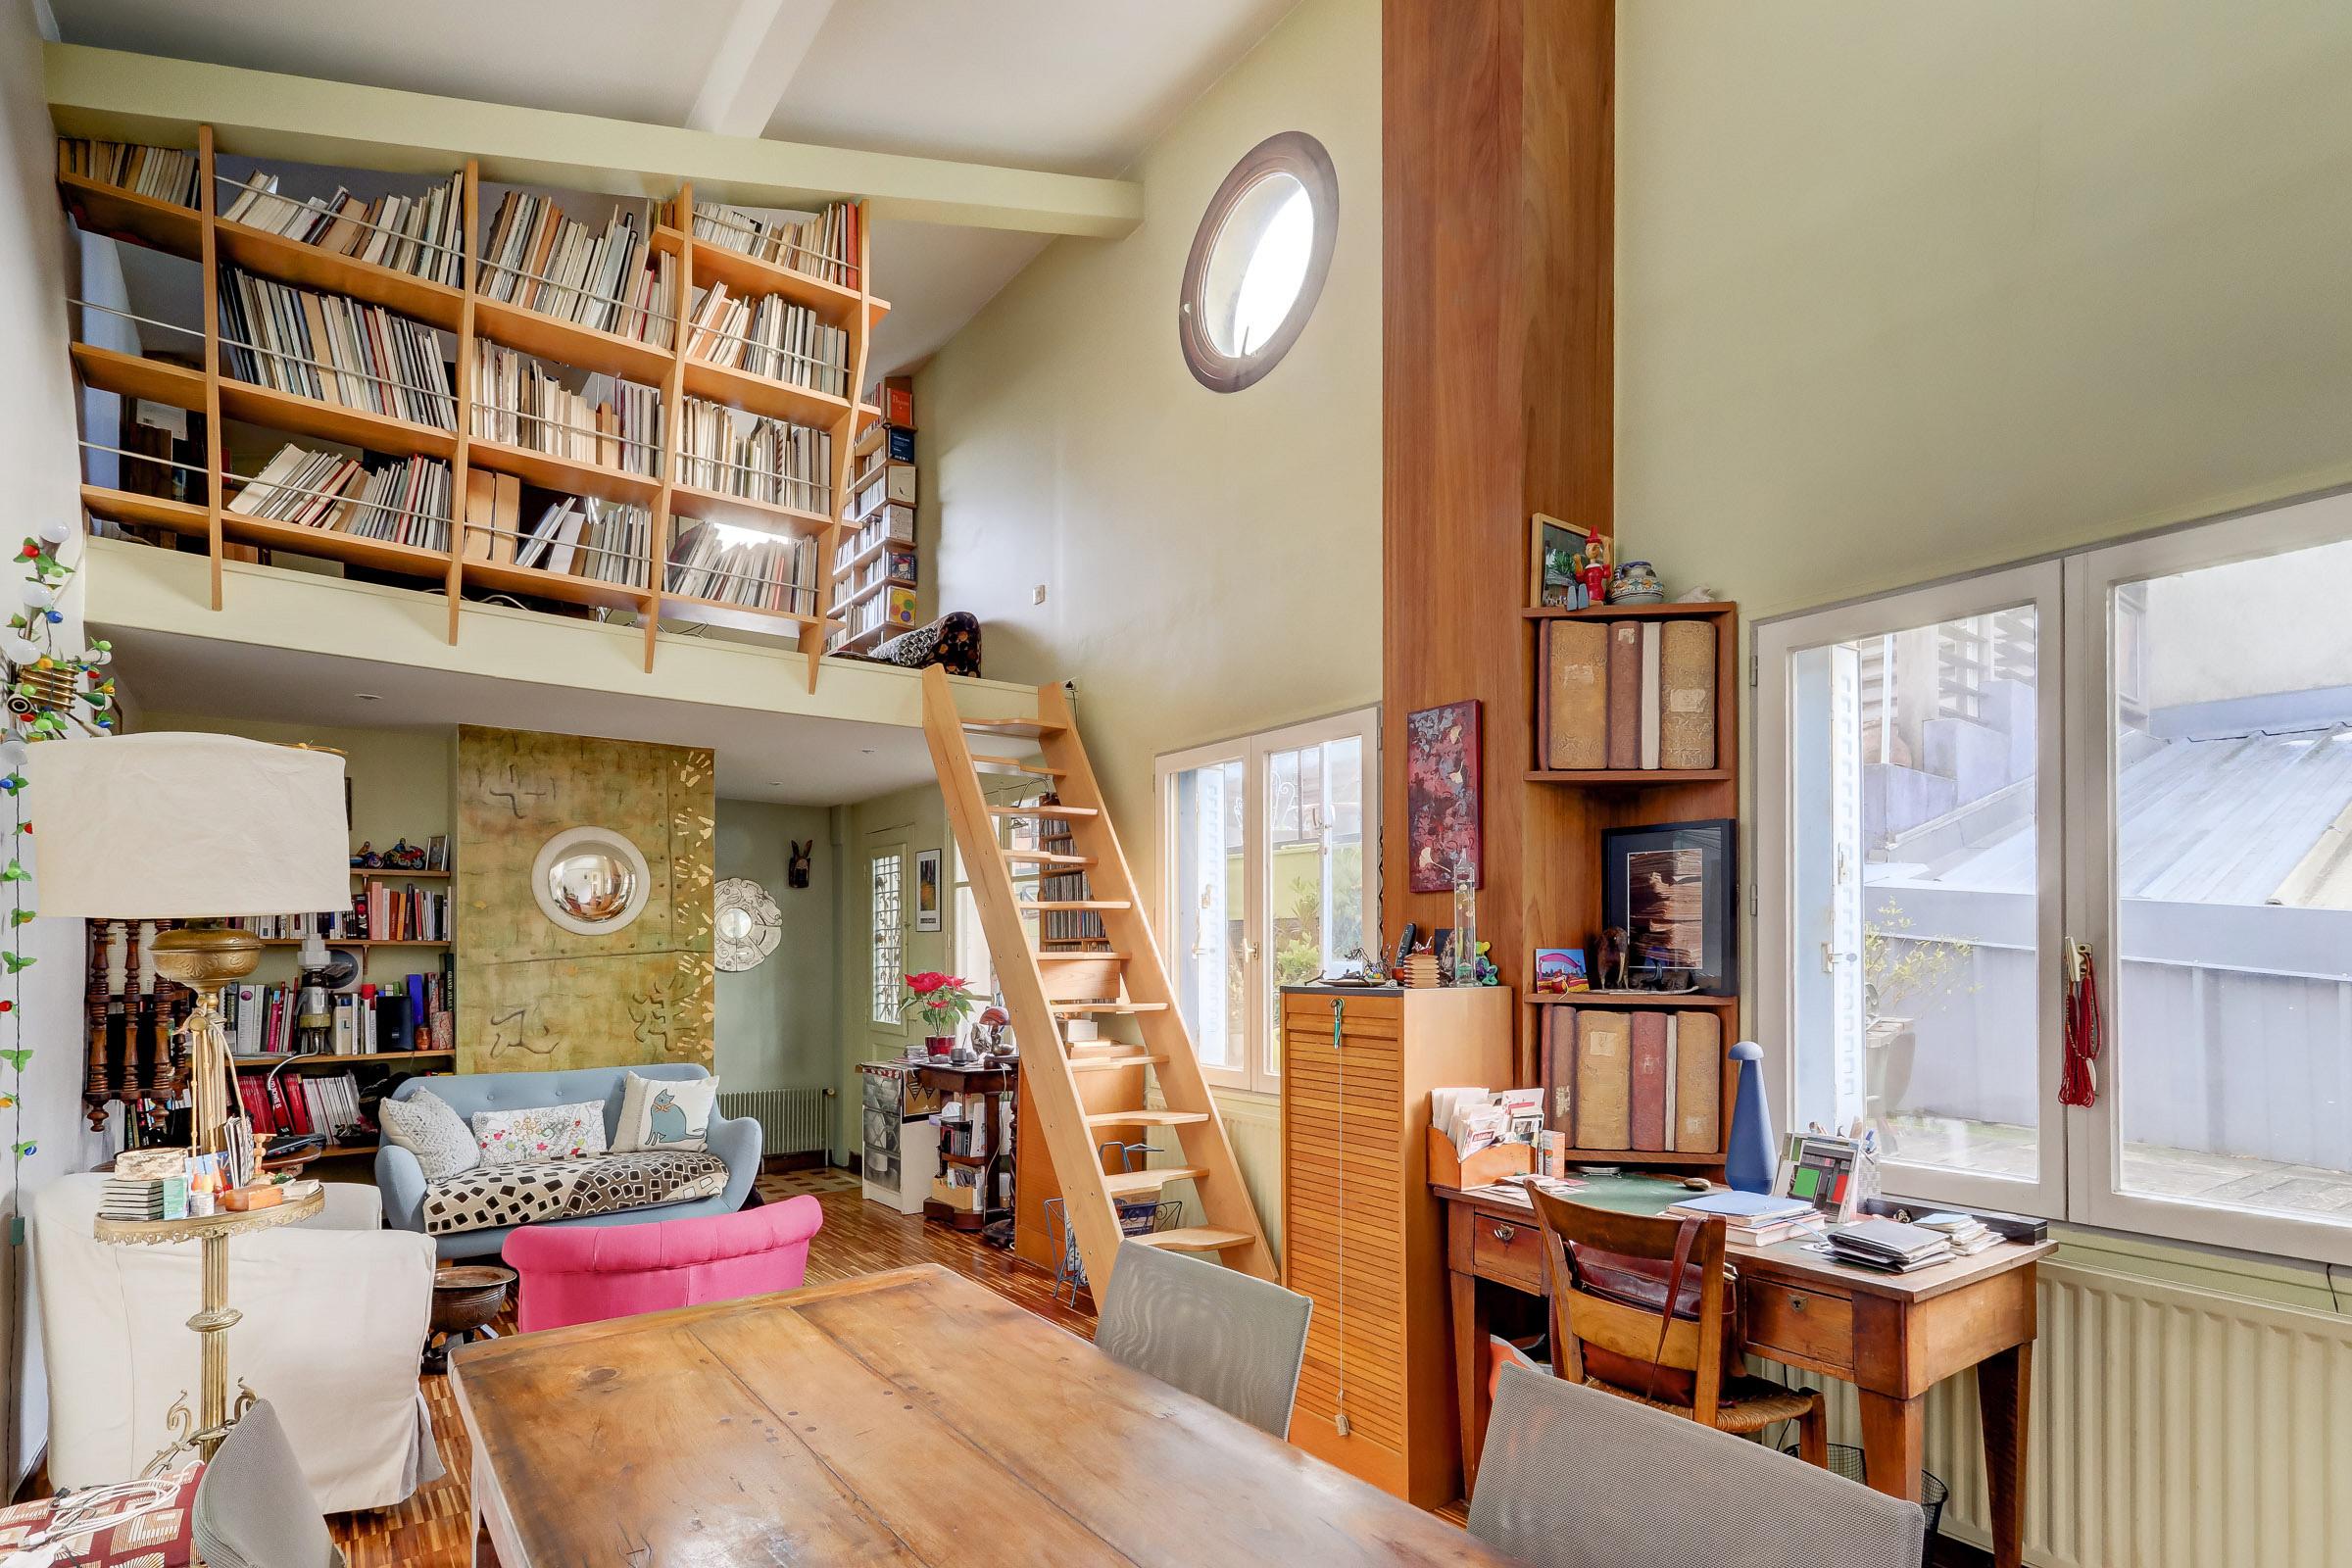 Maison esprit loft avec atelier d'artiste à Montreuil